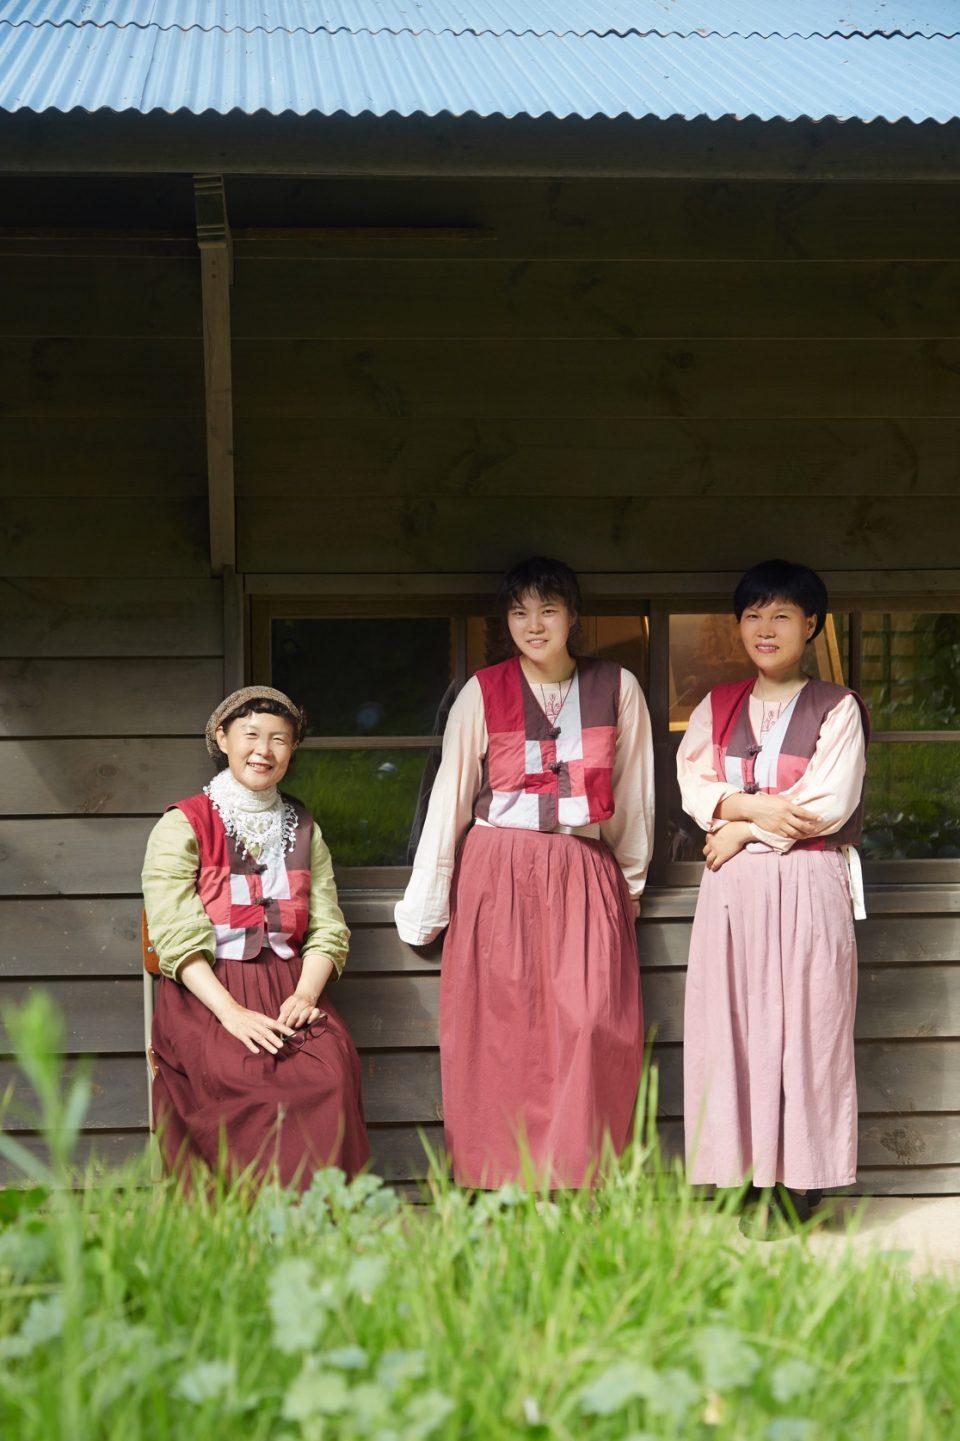 울릉역사문화센터를 지키는 세 명의 매니저는 지역 주민에게 악기를 가르쳐준다.